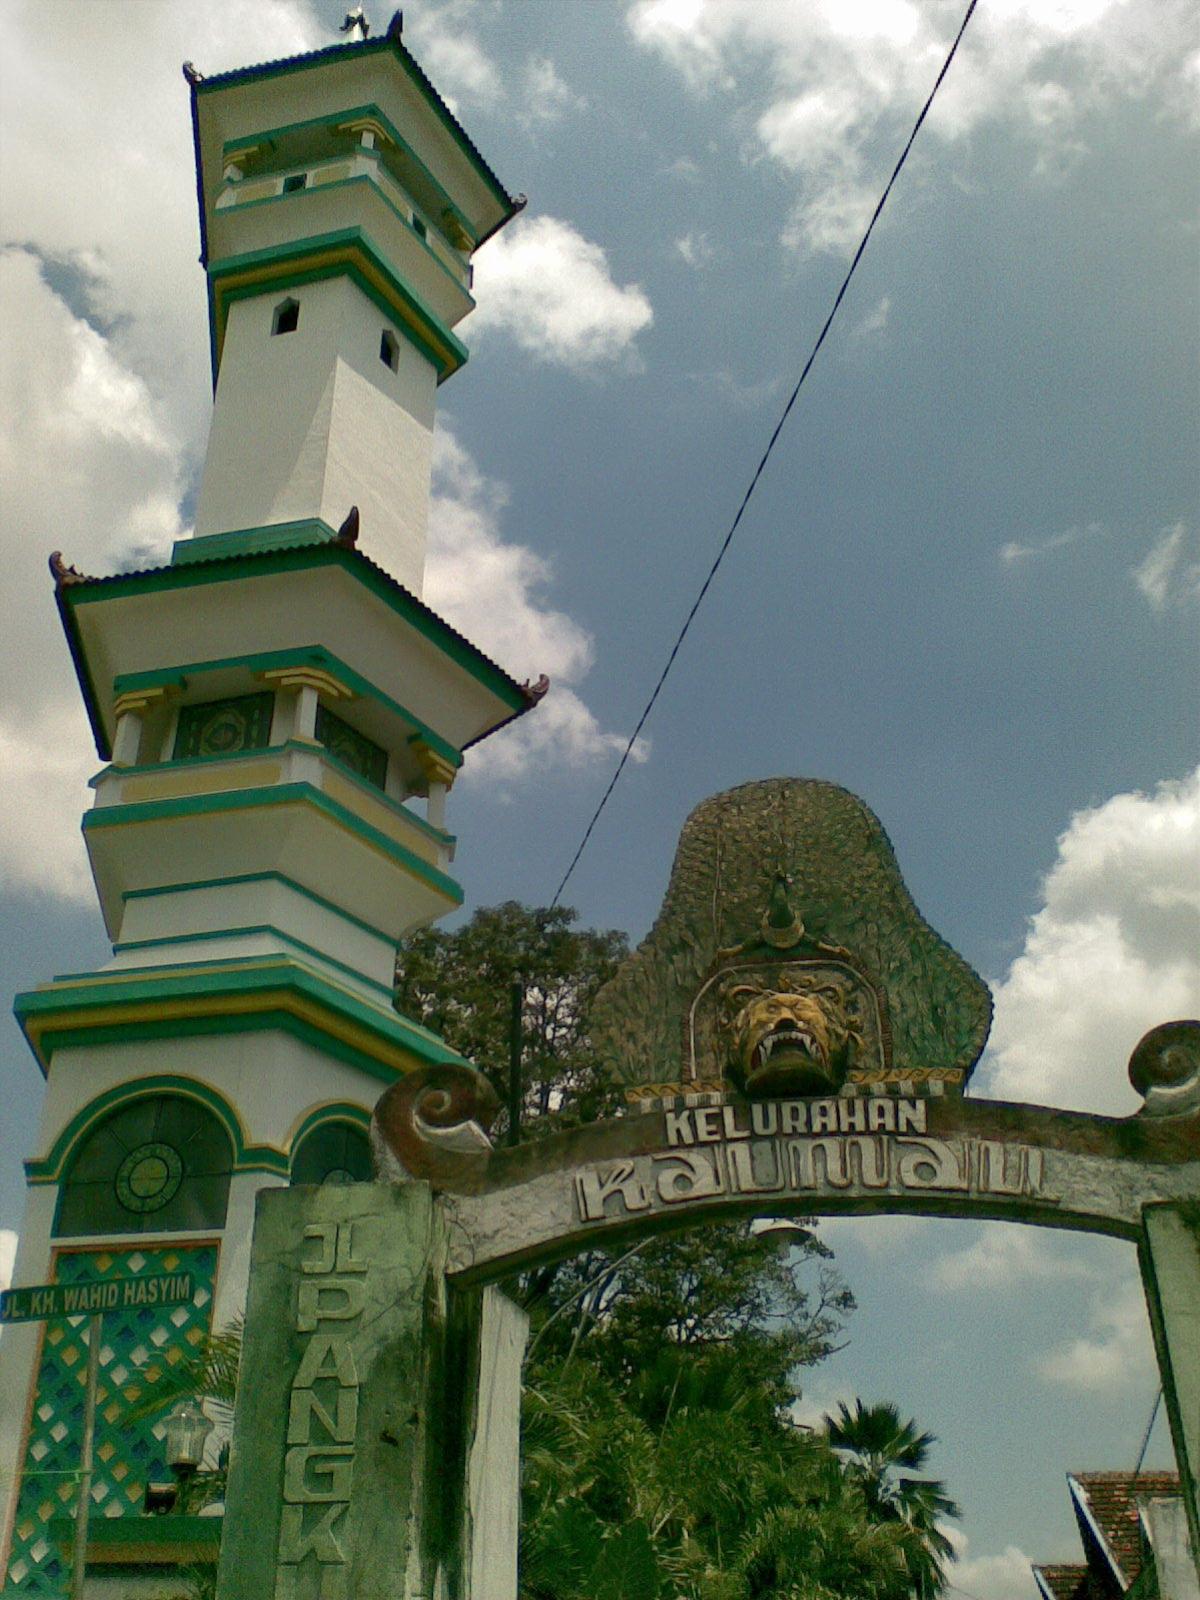 Rexmax Cerita Desaku Blog Warga Ponorogo Masjid Agung Kota Kab